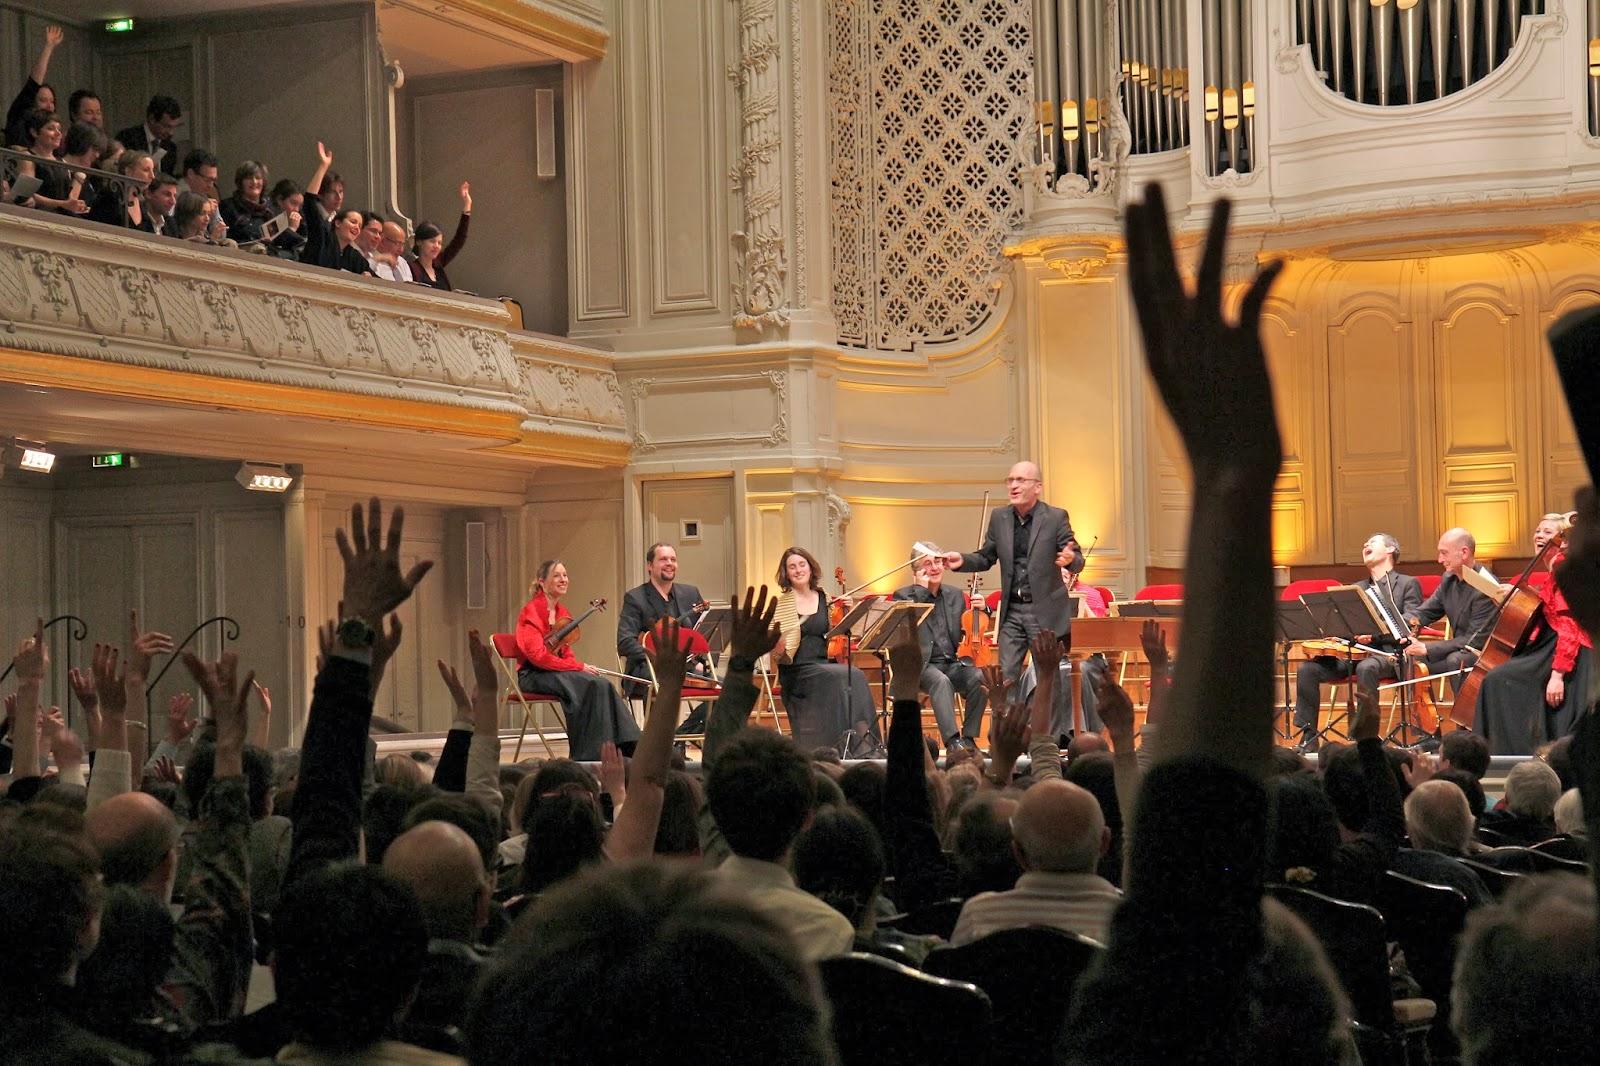 L'Orchestre de Chambre de Toulouse ou la musique à portée de tous ...